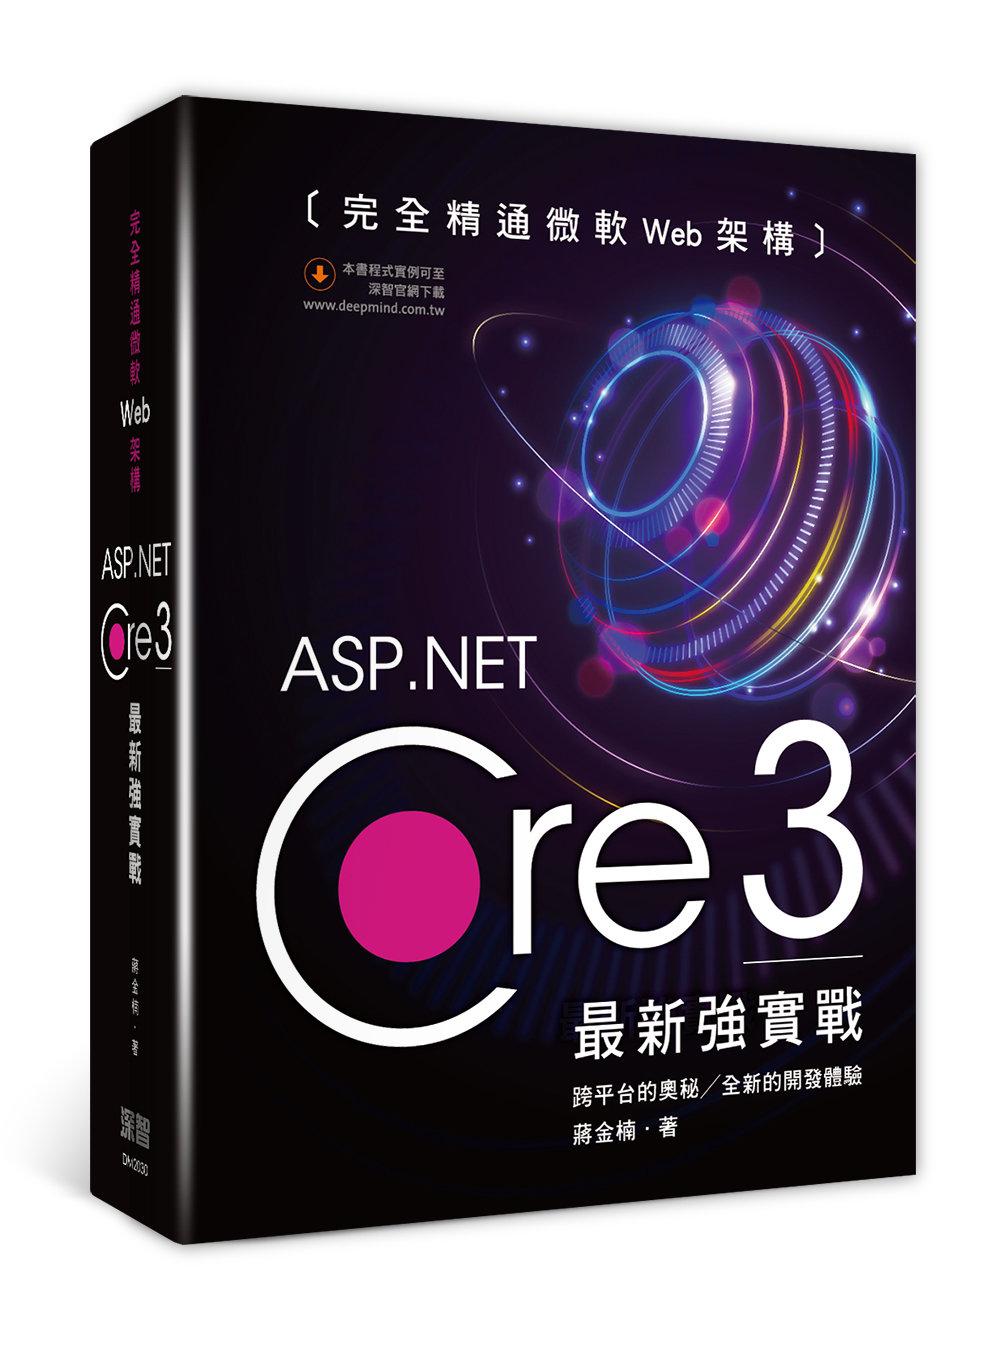 完全精通微軟 Web 架構:ASP.Net Core 3 最新強實戰-preview-1